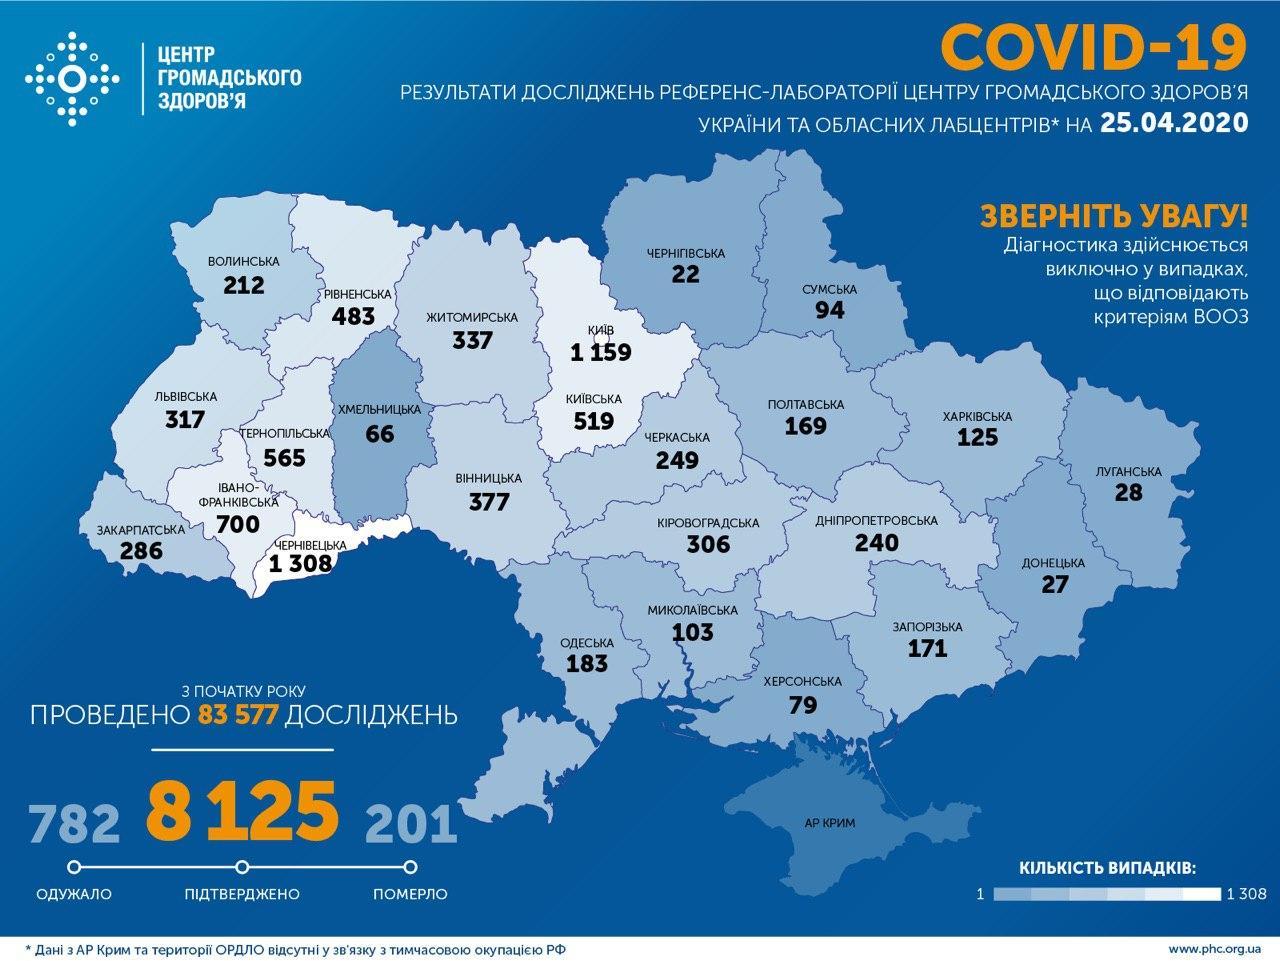 В Україні зафіксовано 8125 випадків COVID-19, померла 201 людина